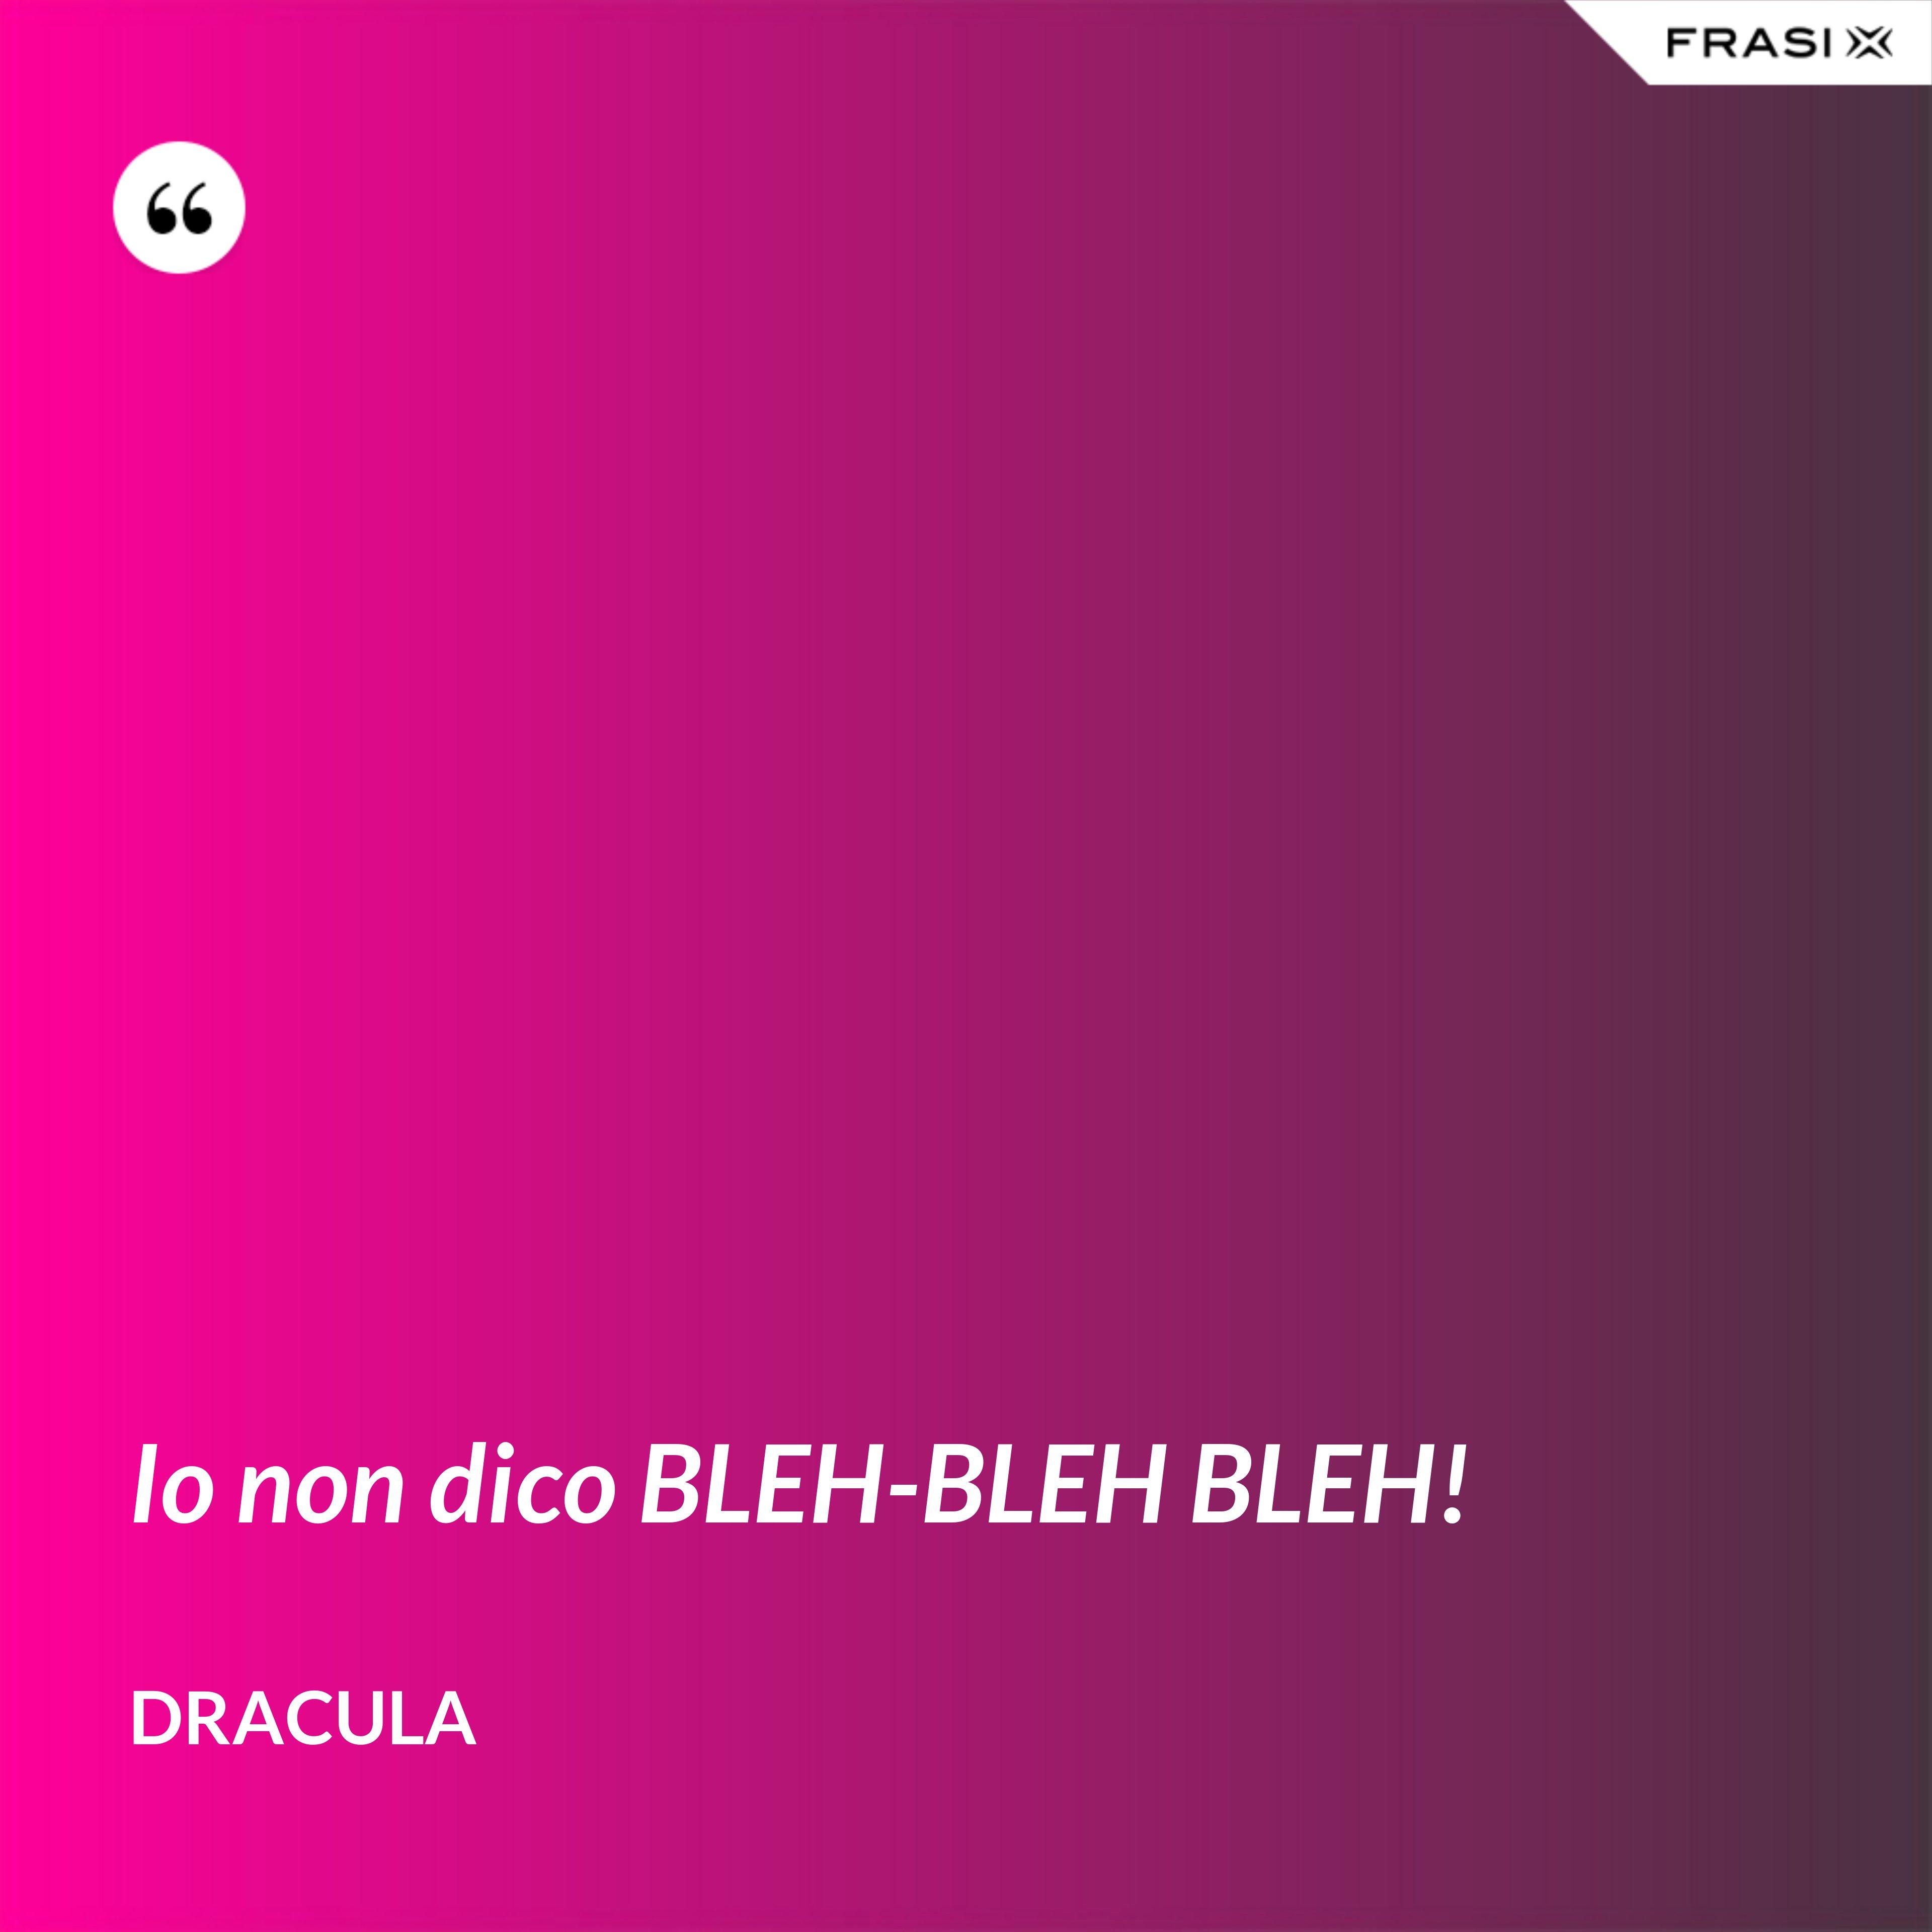 Io non dico BLEH-BLEH BLEH! - Dracula